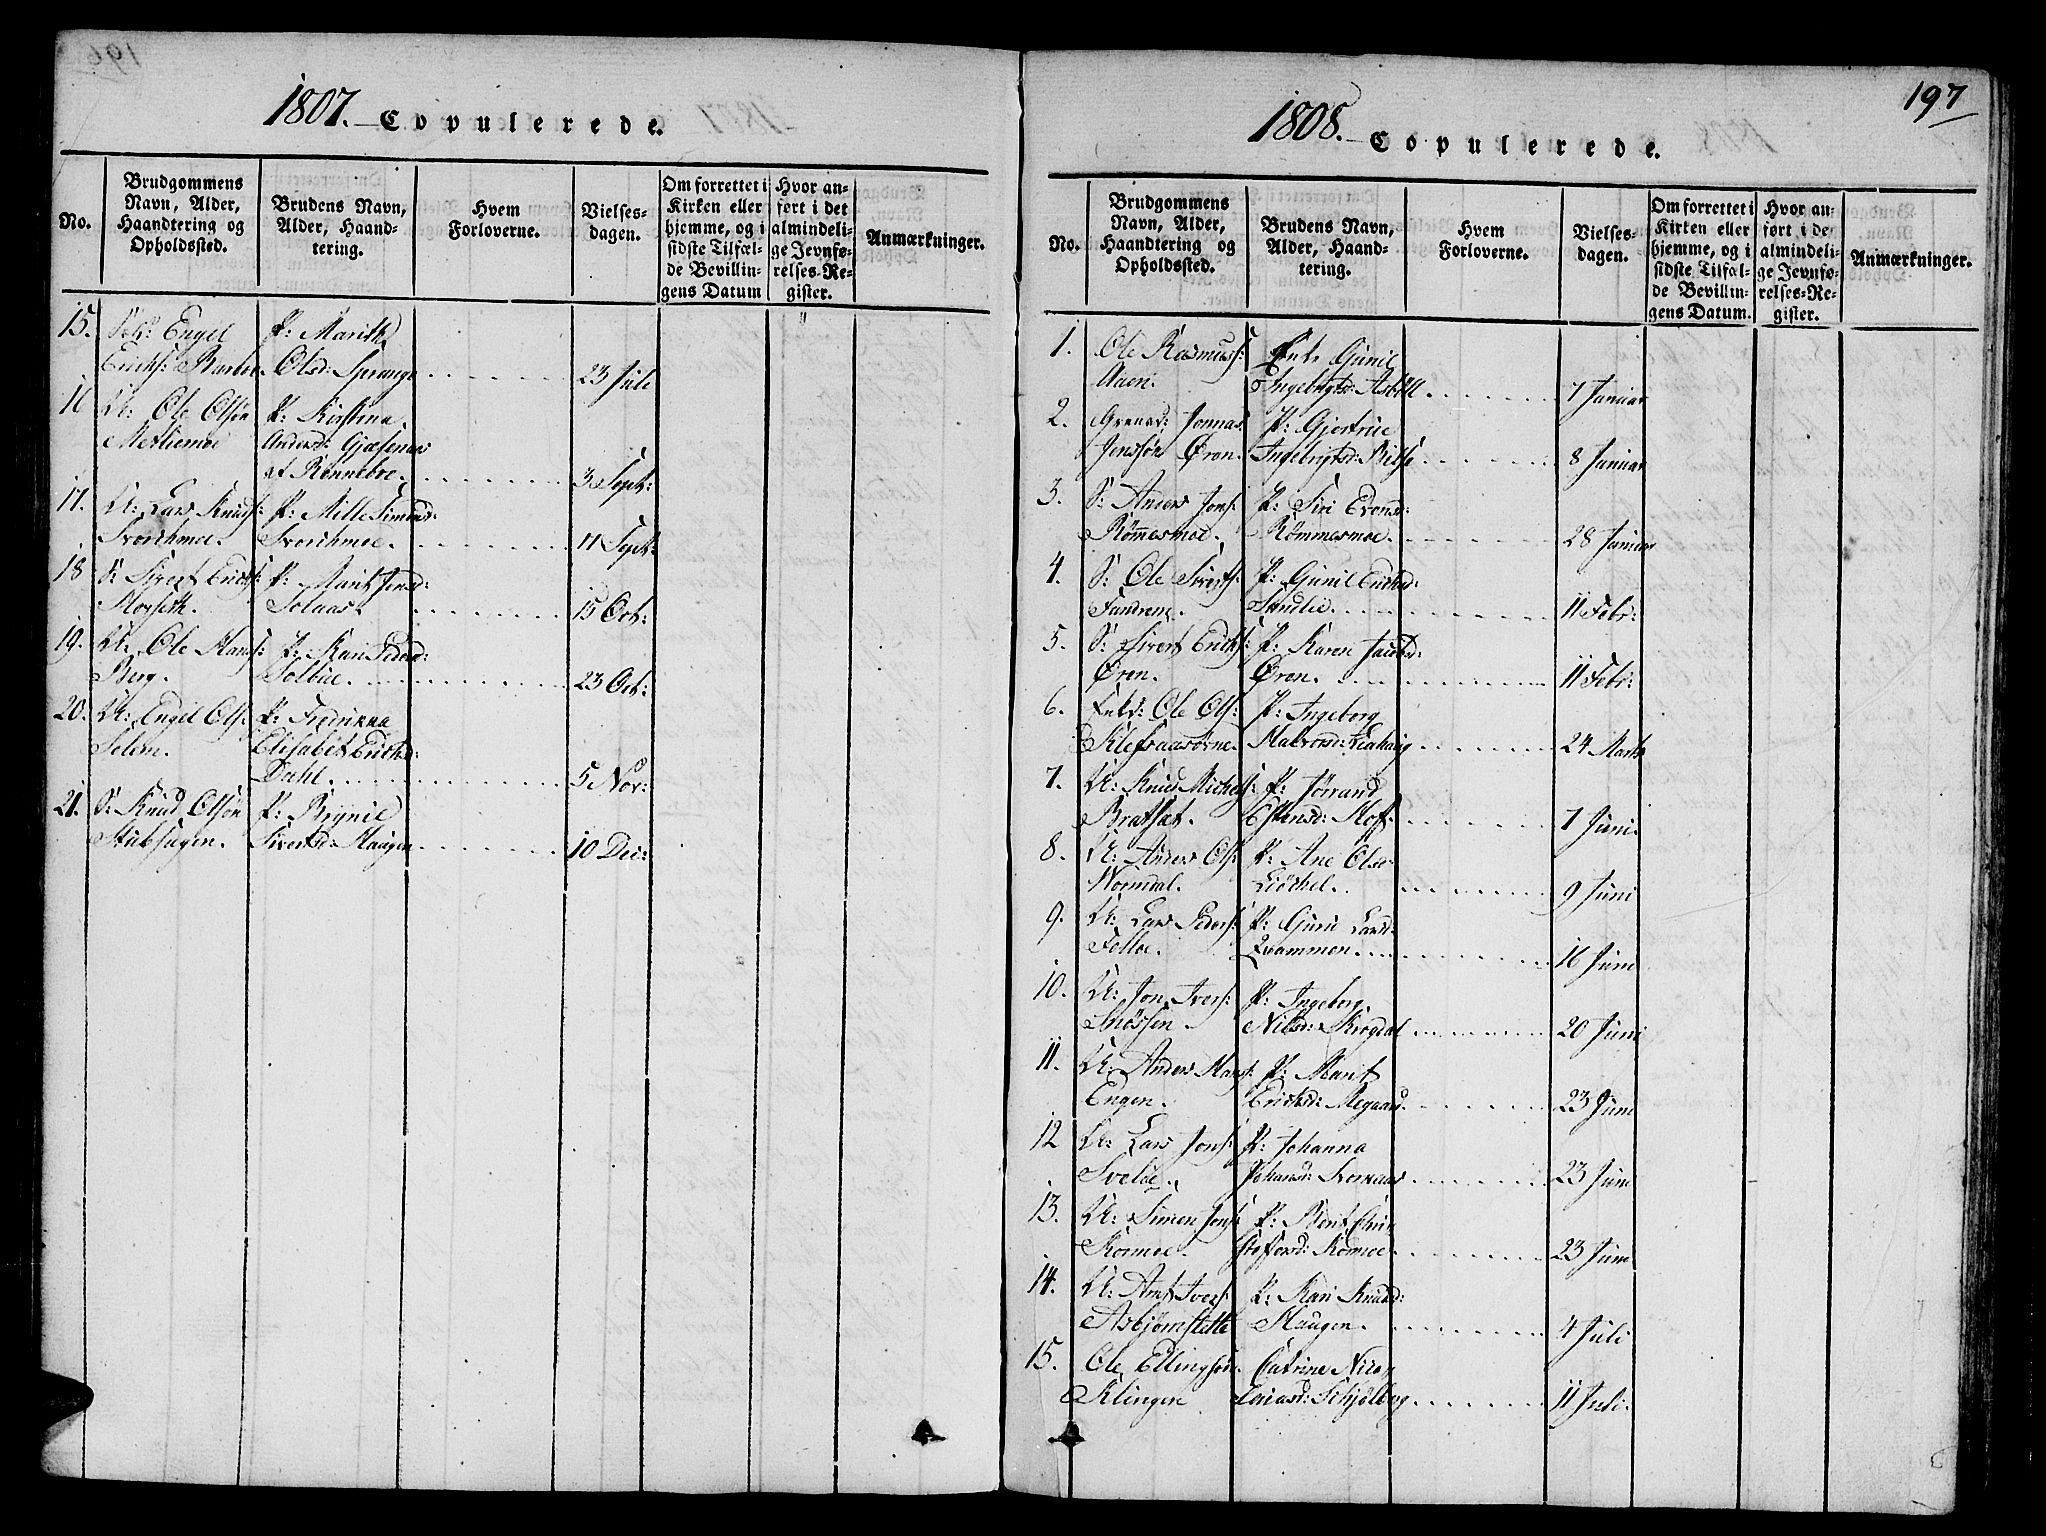 SAT, Ministerialprotokoller, klokkerbøker og fødselsregistre - Sør-Trøndelag, 668/L0803: Ministerialbok nr. 668A03, 1800-1826, s. 197